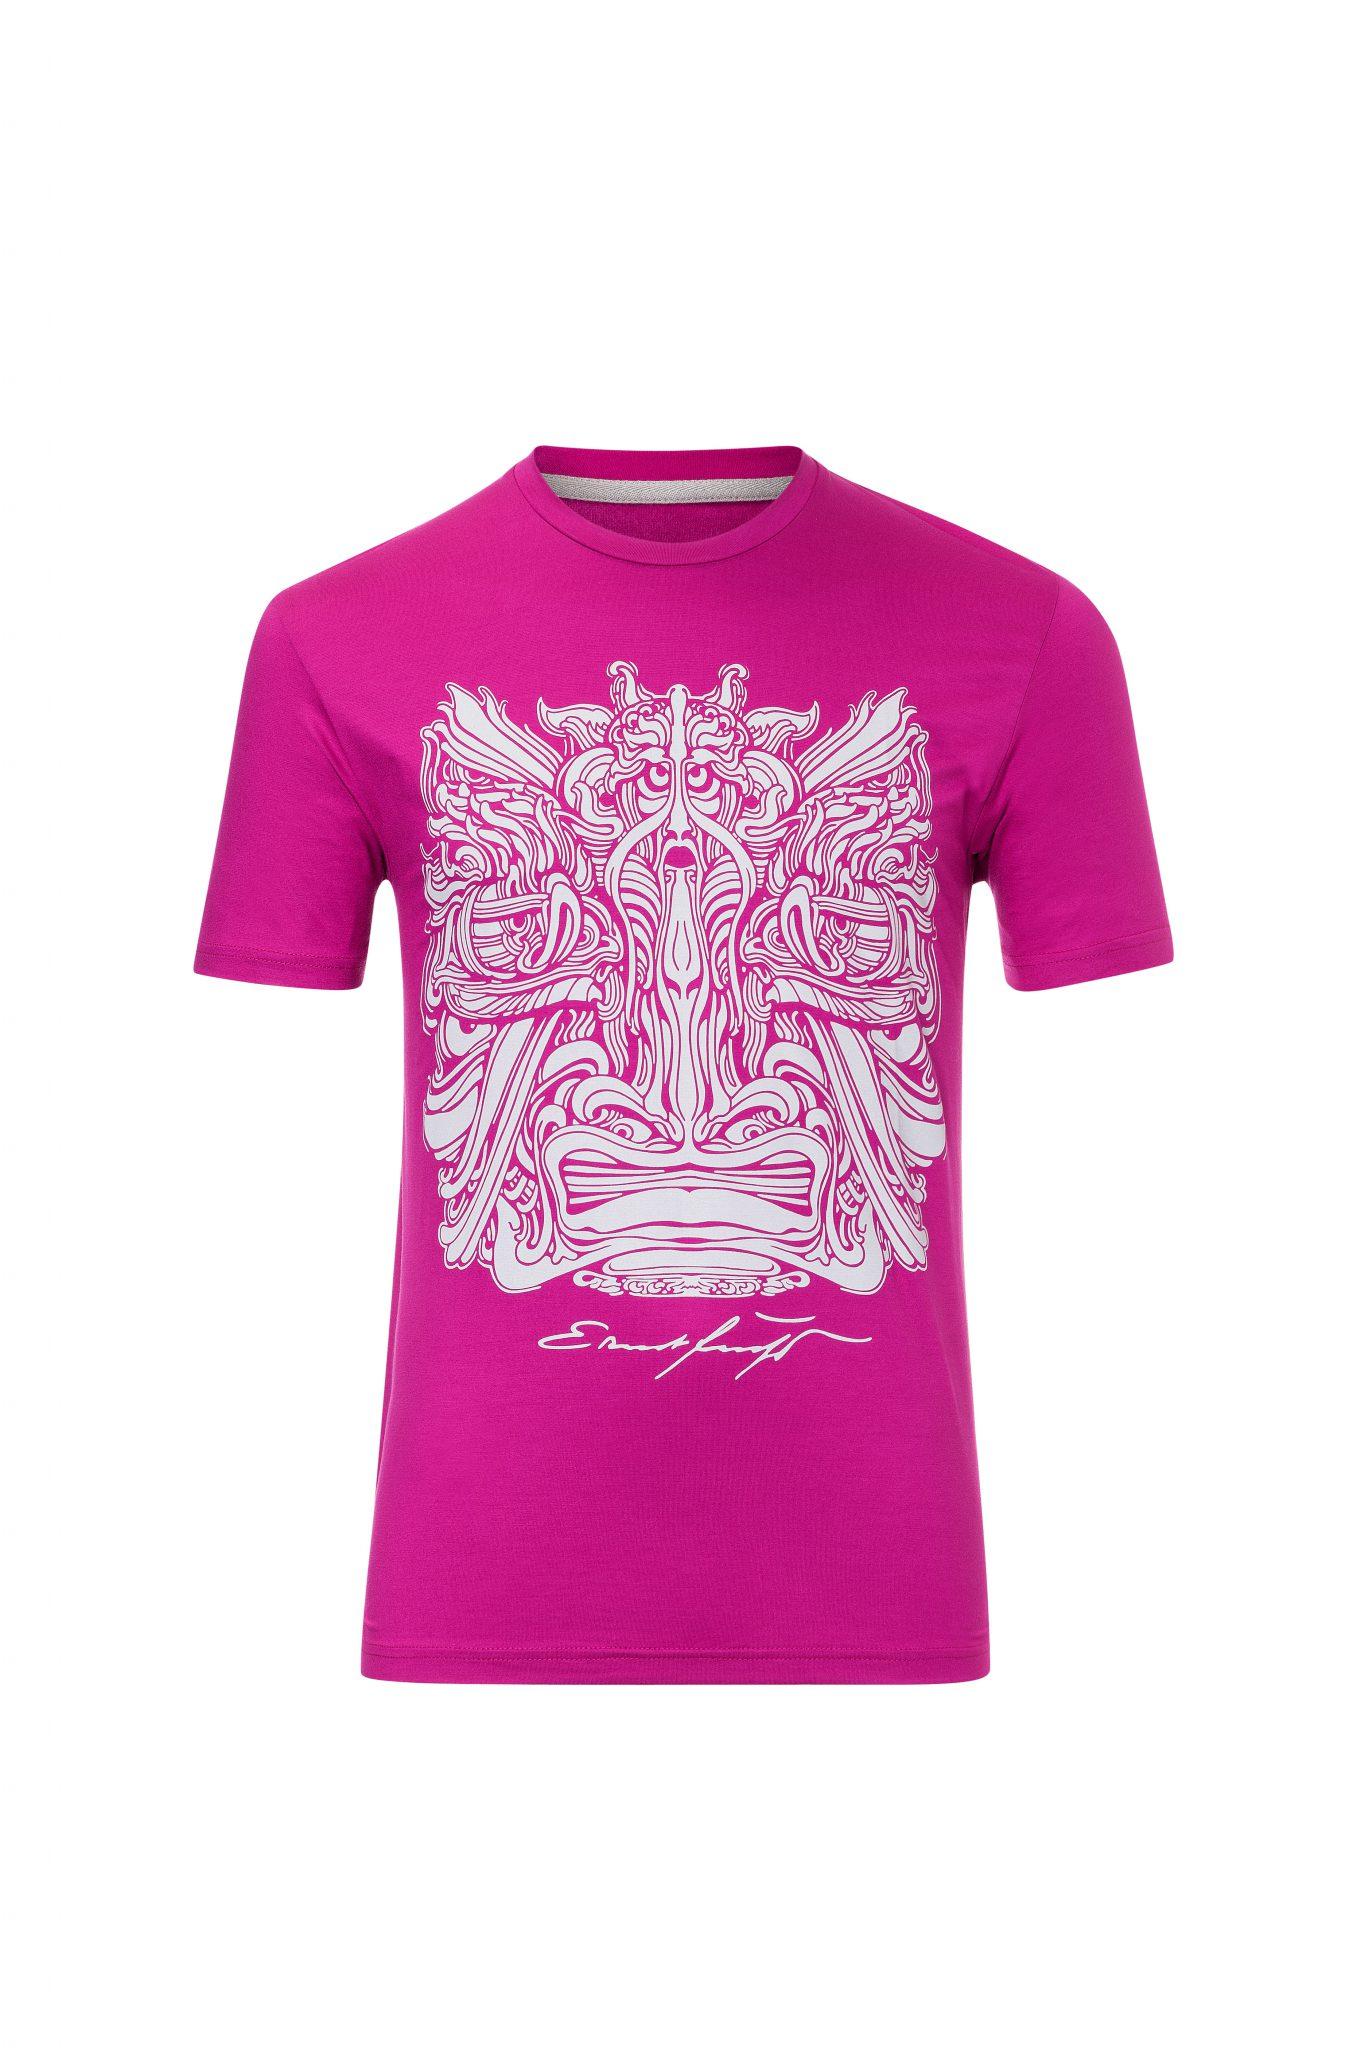 Herren T-Shirt Fuchsia mit silber – Ernst Fuchs Motiv